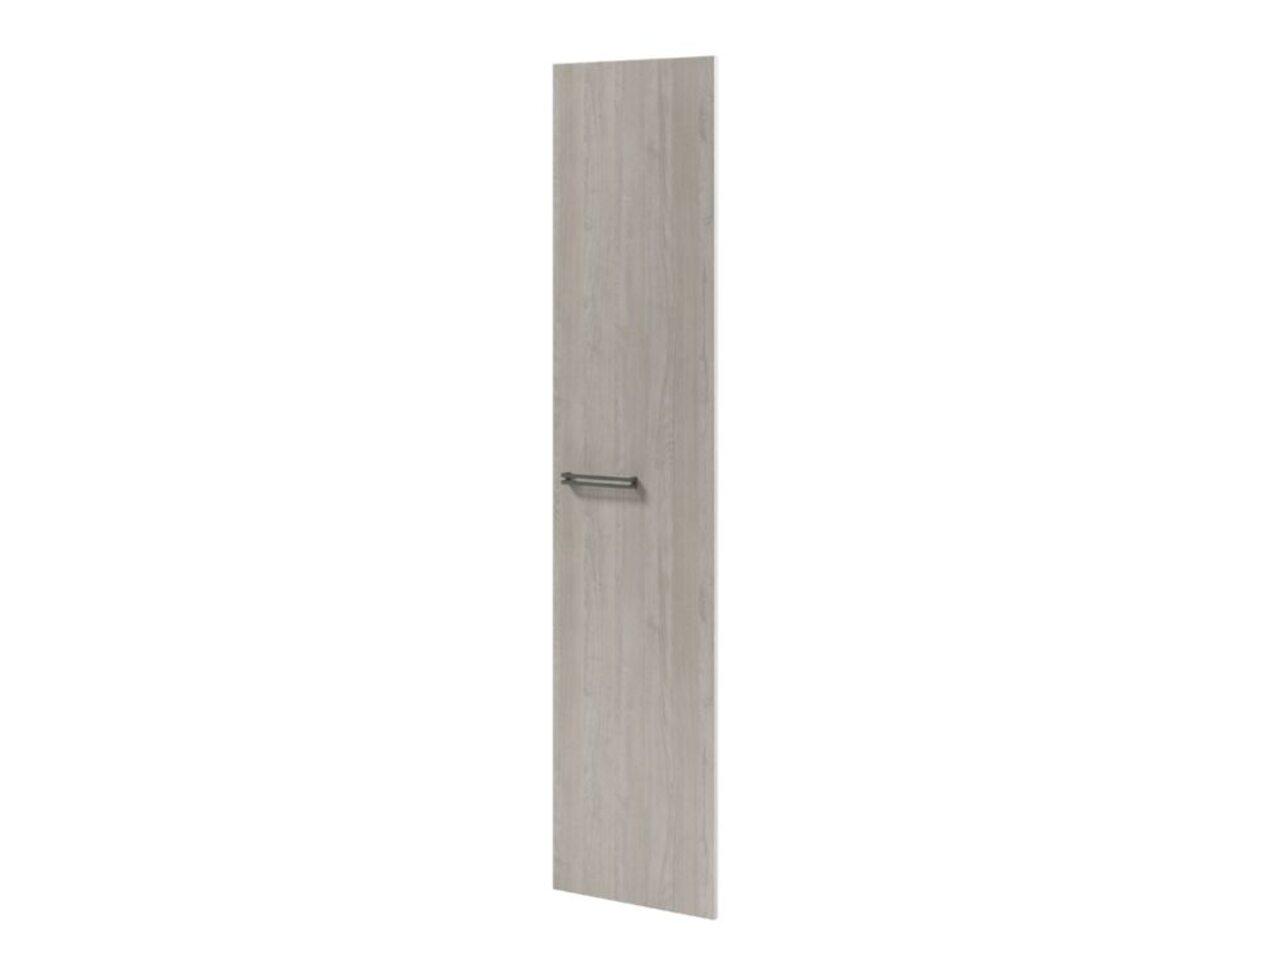 Дверь высокая  Solution 39x1x179 - фото 3